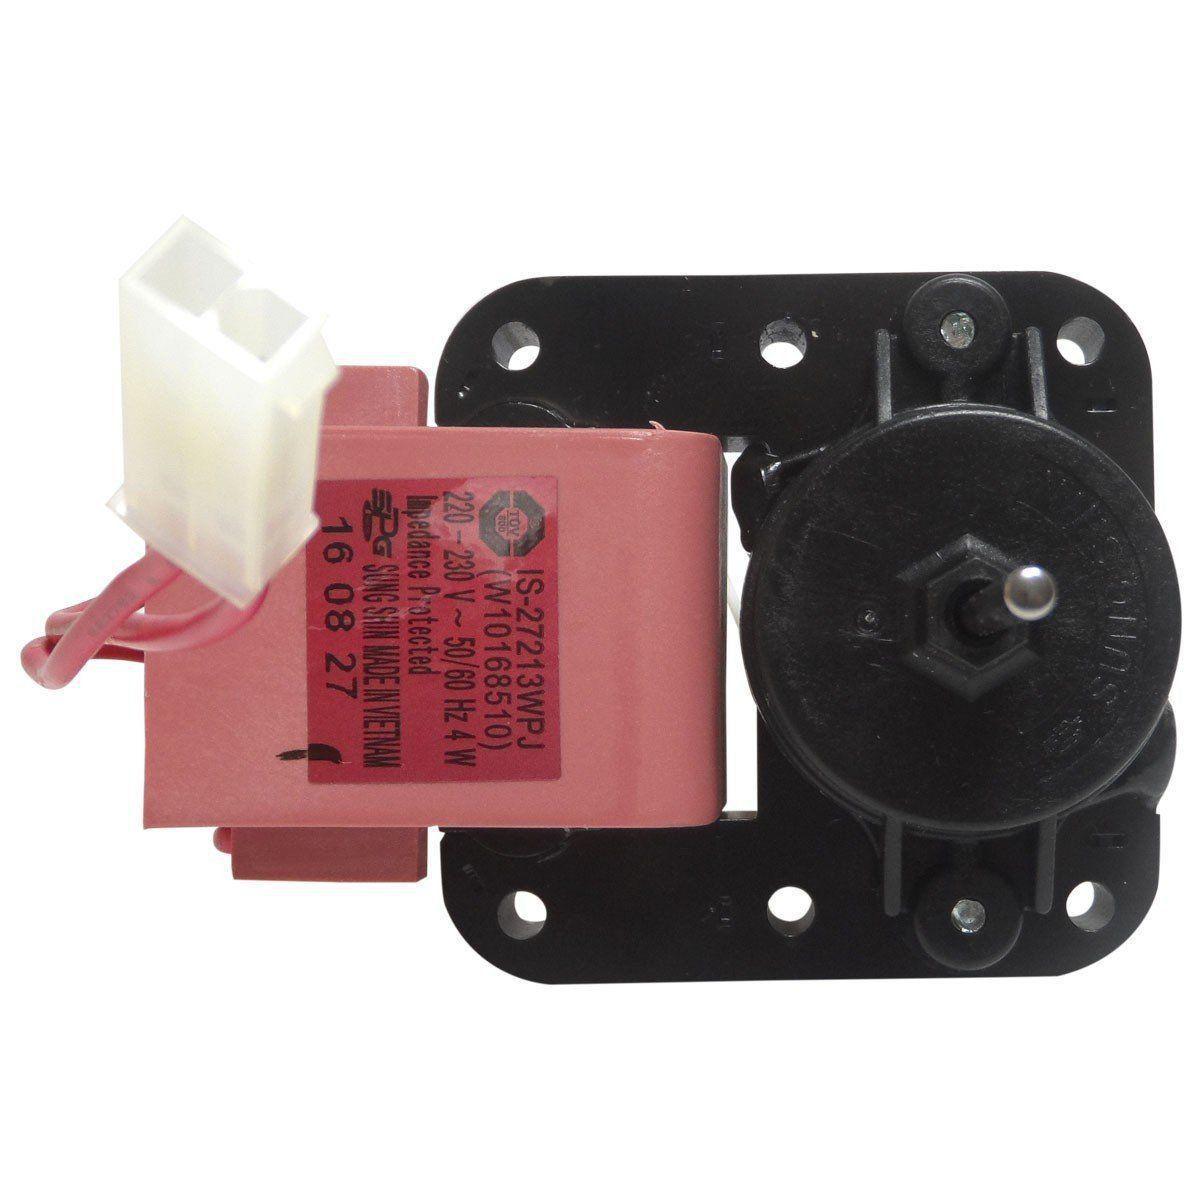 MOTOR VENTILADOR REFRIGERADOR BRASTEMP CONSUL 220V W10168510